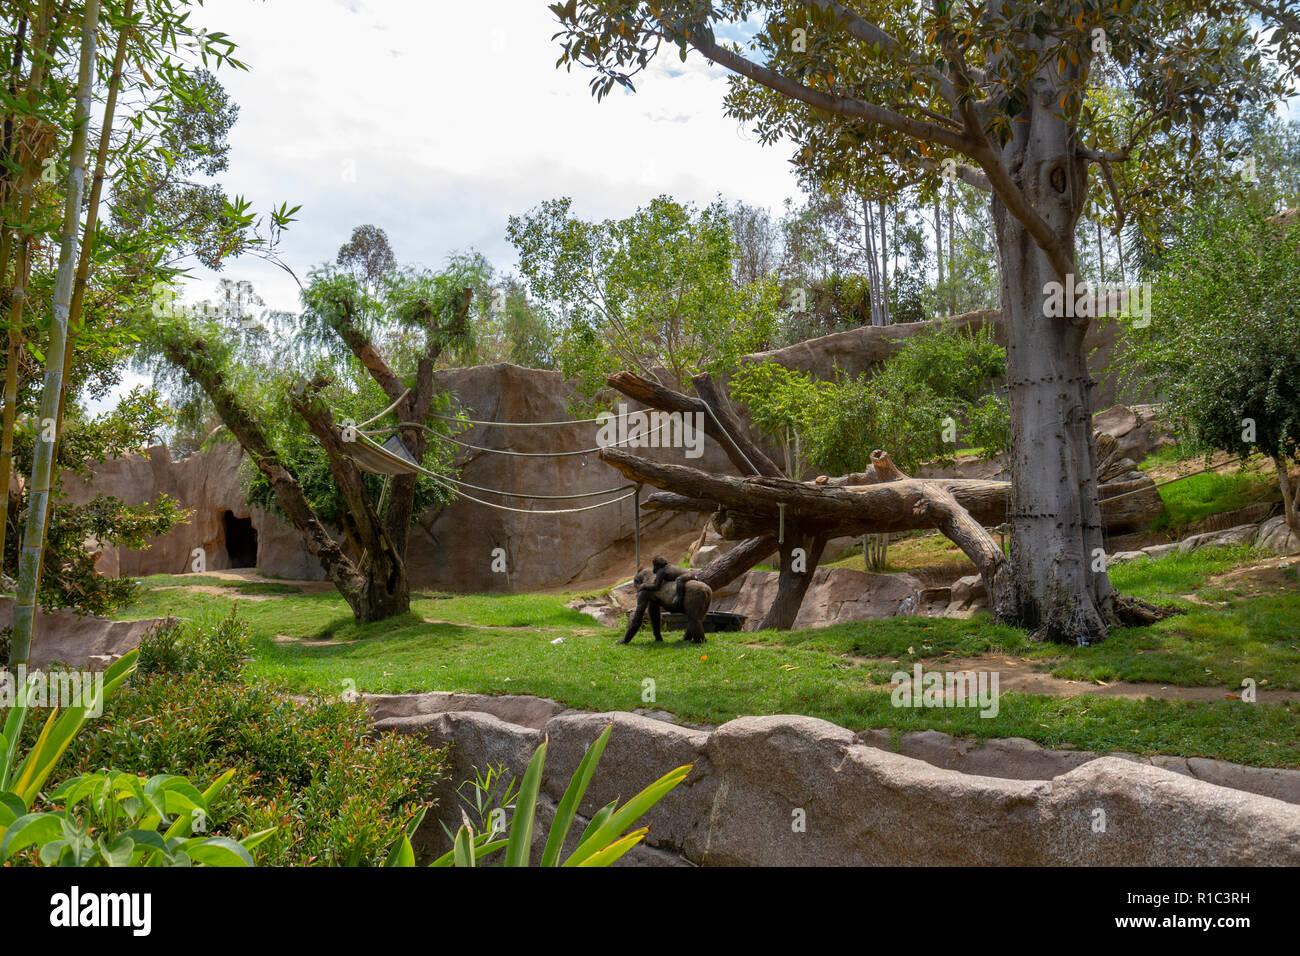 Gorillas in the gorilla enclosure (Gorilla Forest) in the San Diego Zoo Safari Park, Escondido, CA, United States - Stock Image